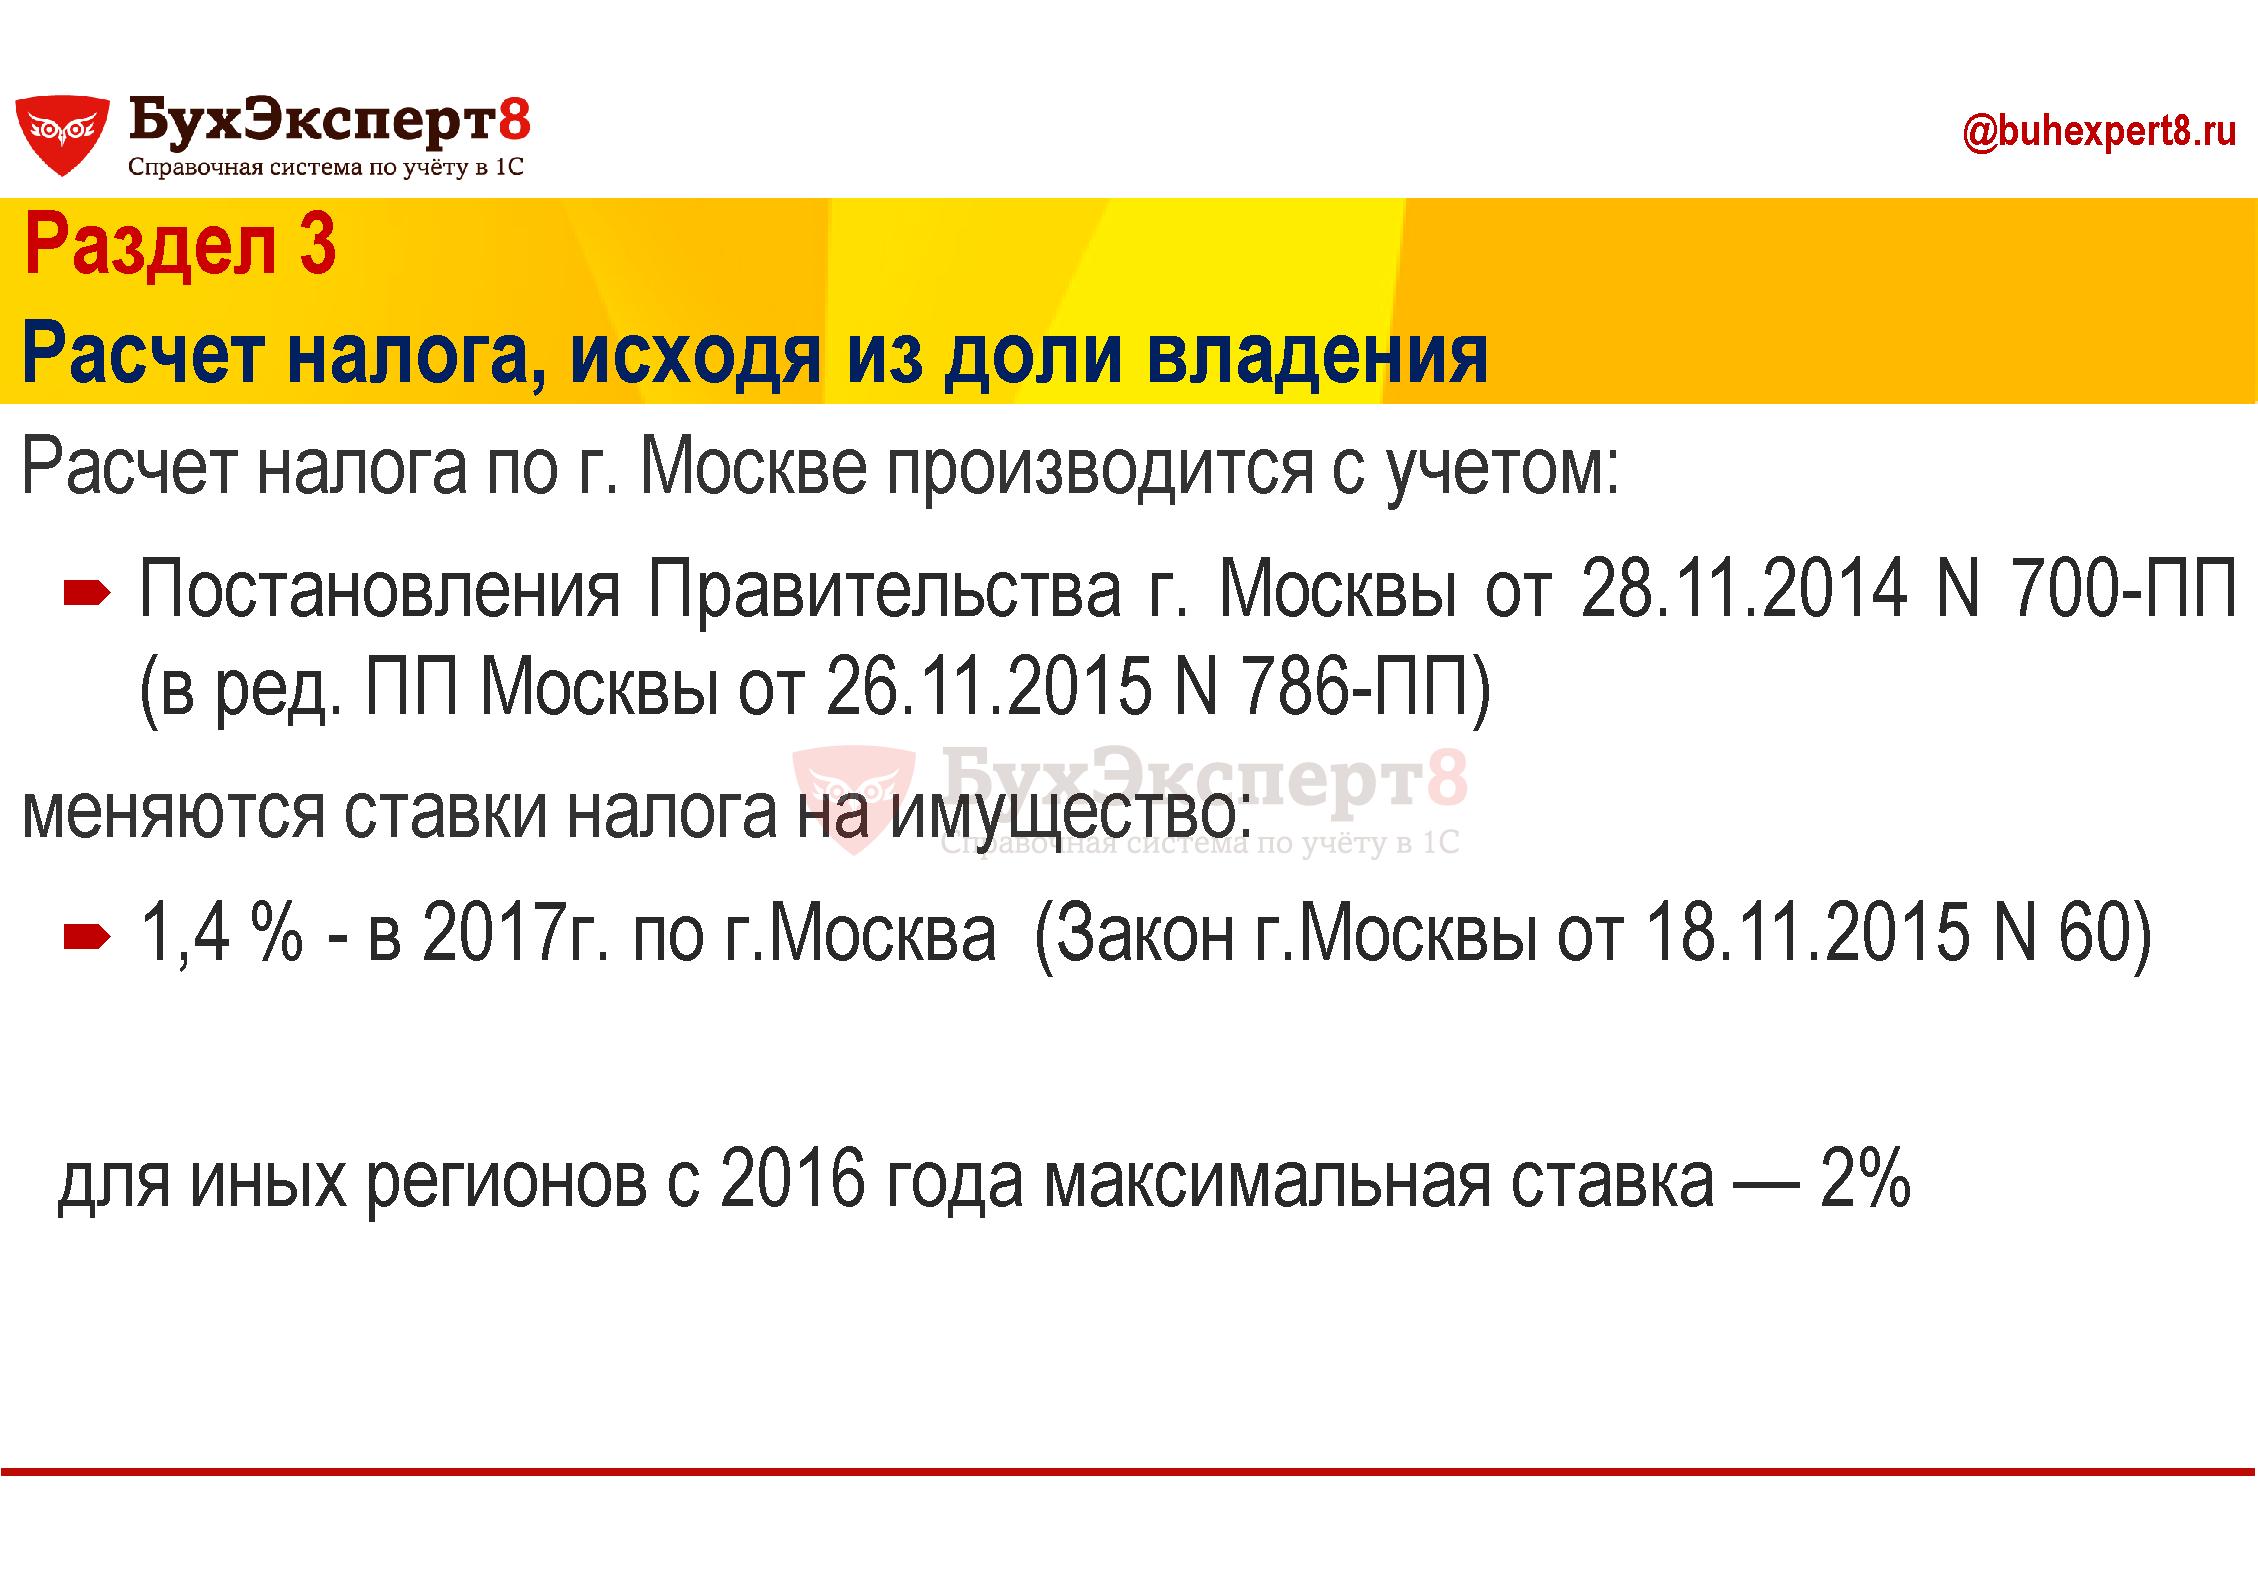 Раздел 3 Расчет налога, исходя из доли владения Расчет налога по г. Москве производится с учетом: Постановления Правительства г. Москвы от 28.11.2014 N 700-ПП (в ред. ПП Москвы от 26.11.2015 N 786-ПП) меняются ставки налога на имущество: 1,4 % - в 2017г. по г.Москва (Закон г.Москвы от 18.11.2015 N 60) для иных регионов с 2016 года максимальная ставка — 2%